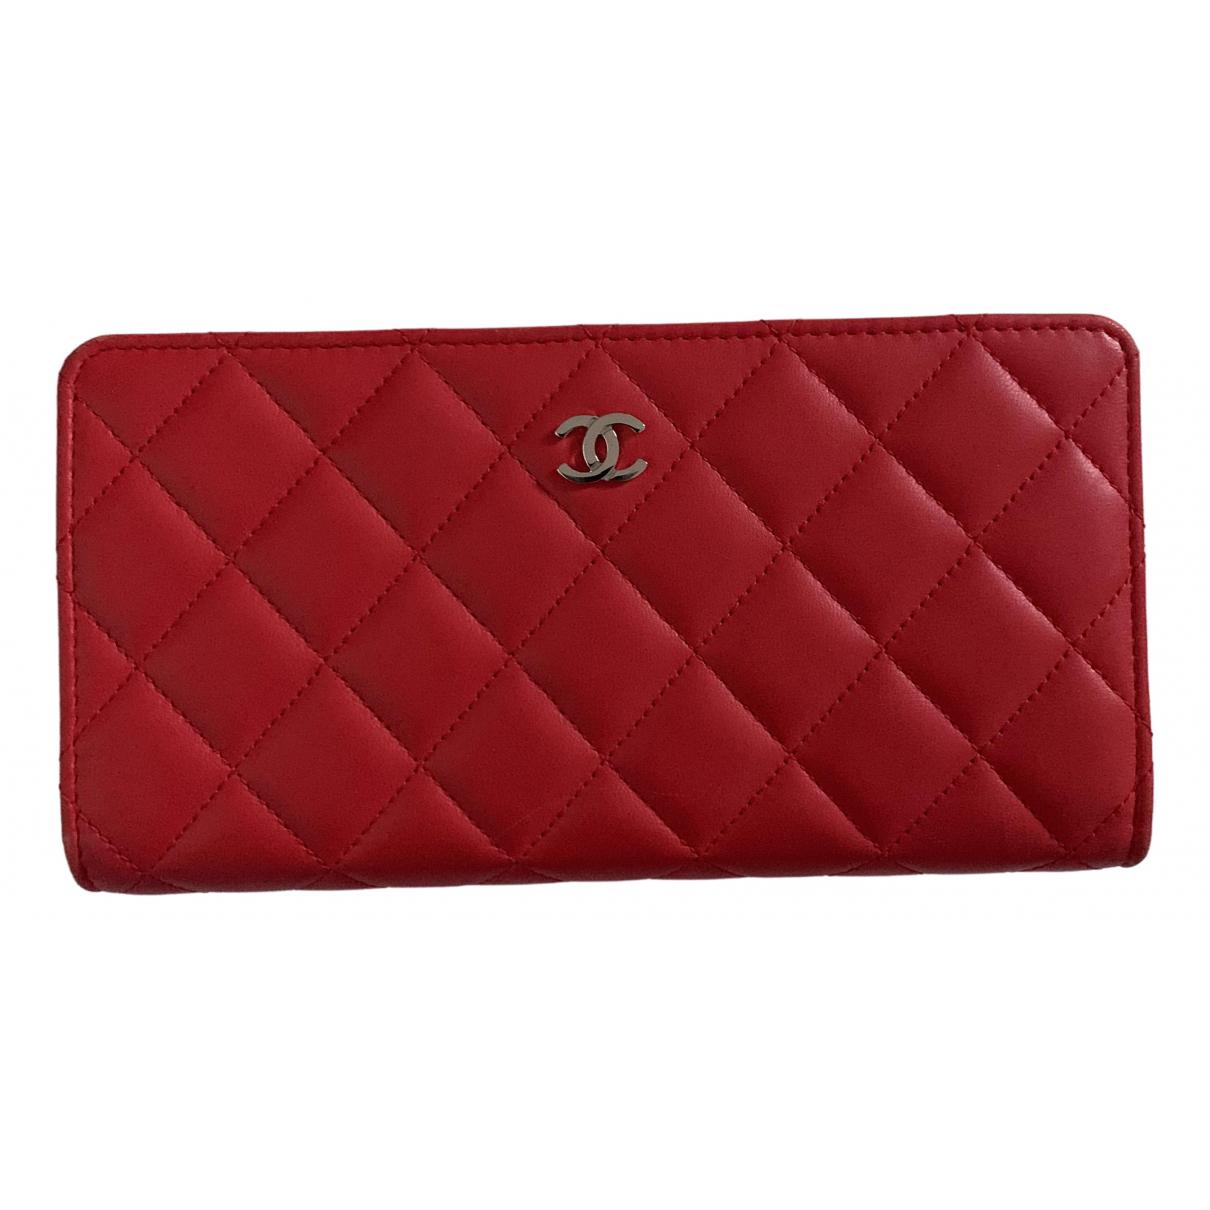 Chanel - Portefeuille Timeless/Classique pour femme en cuir - rouge